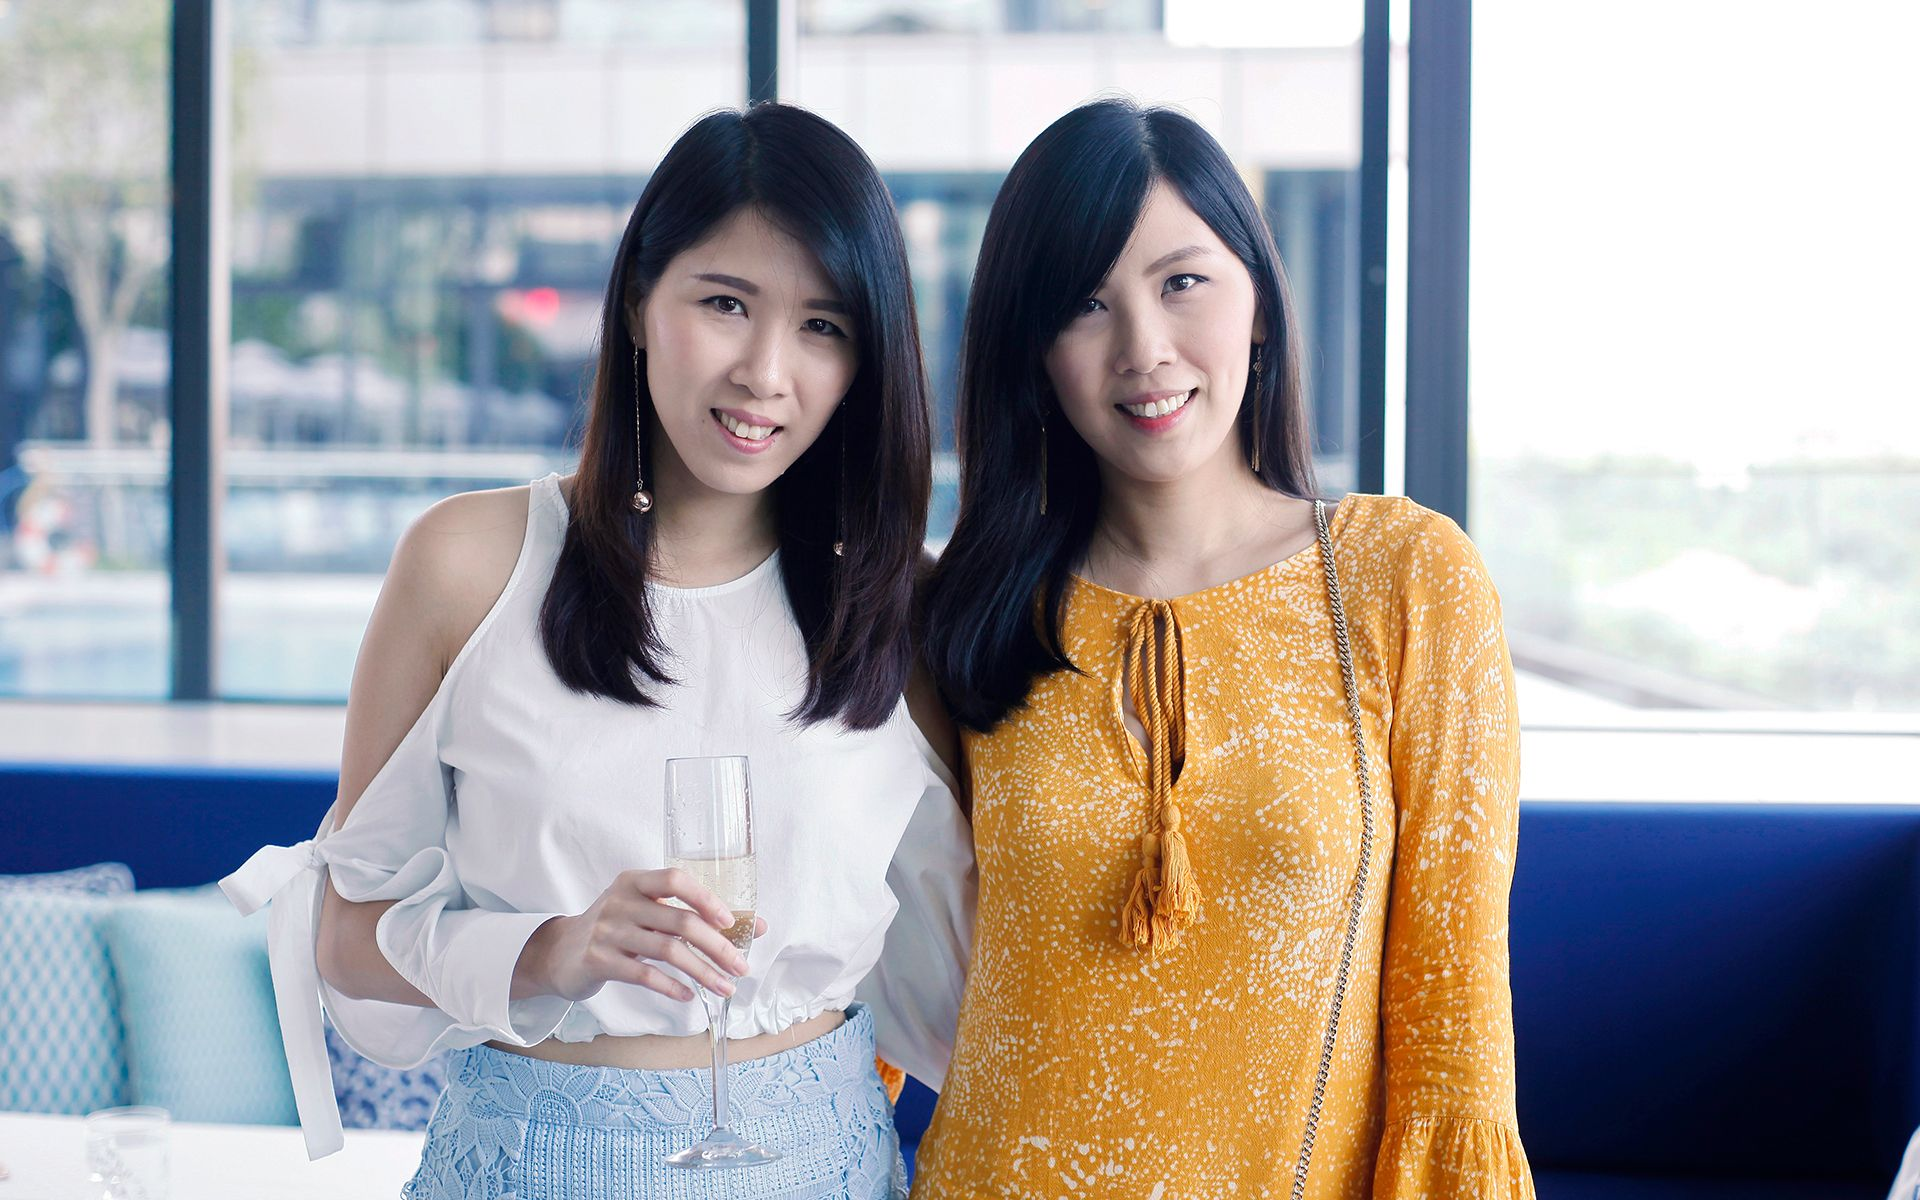 Clairyn Chong and Cherlyn Chong